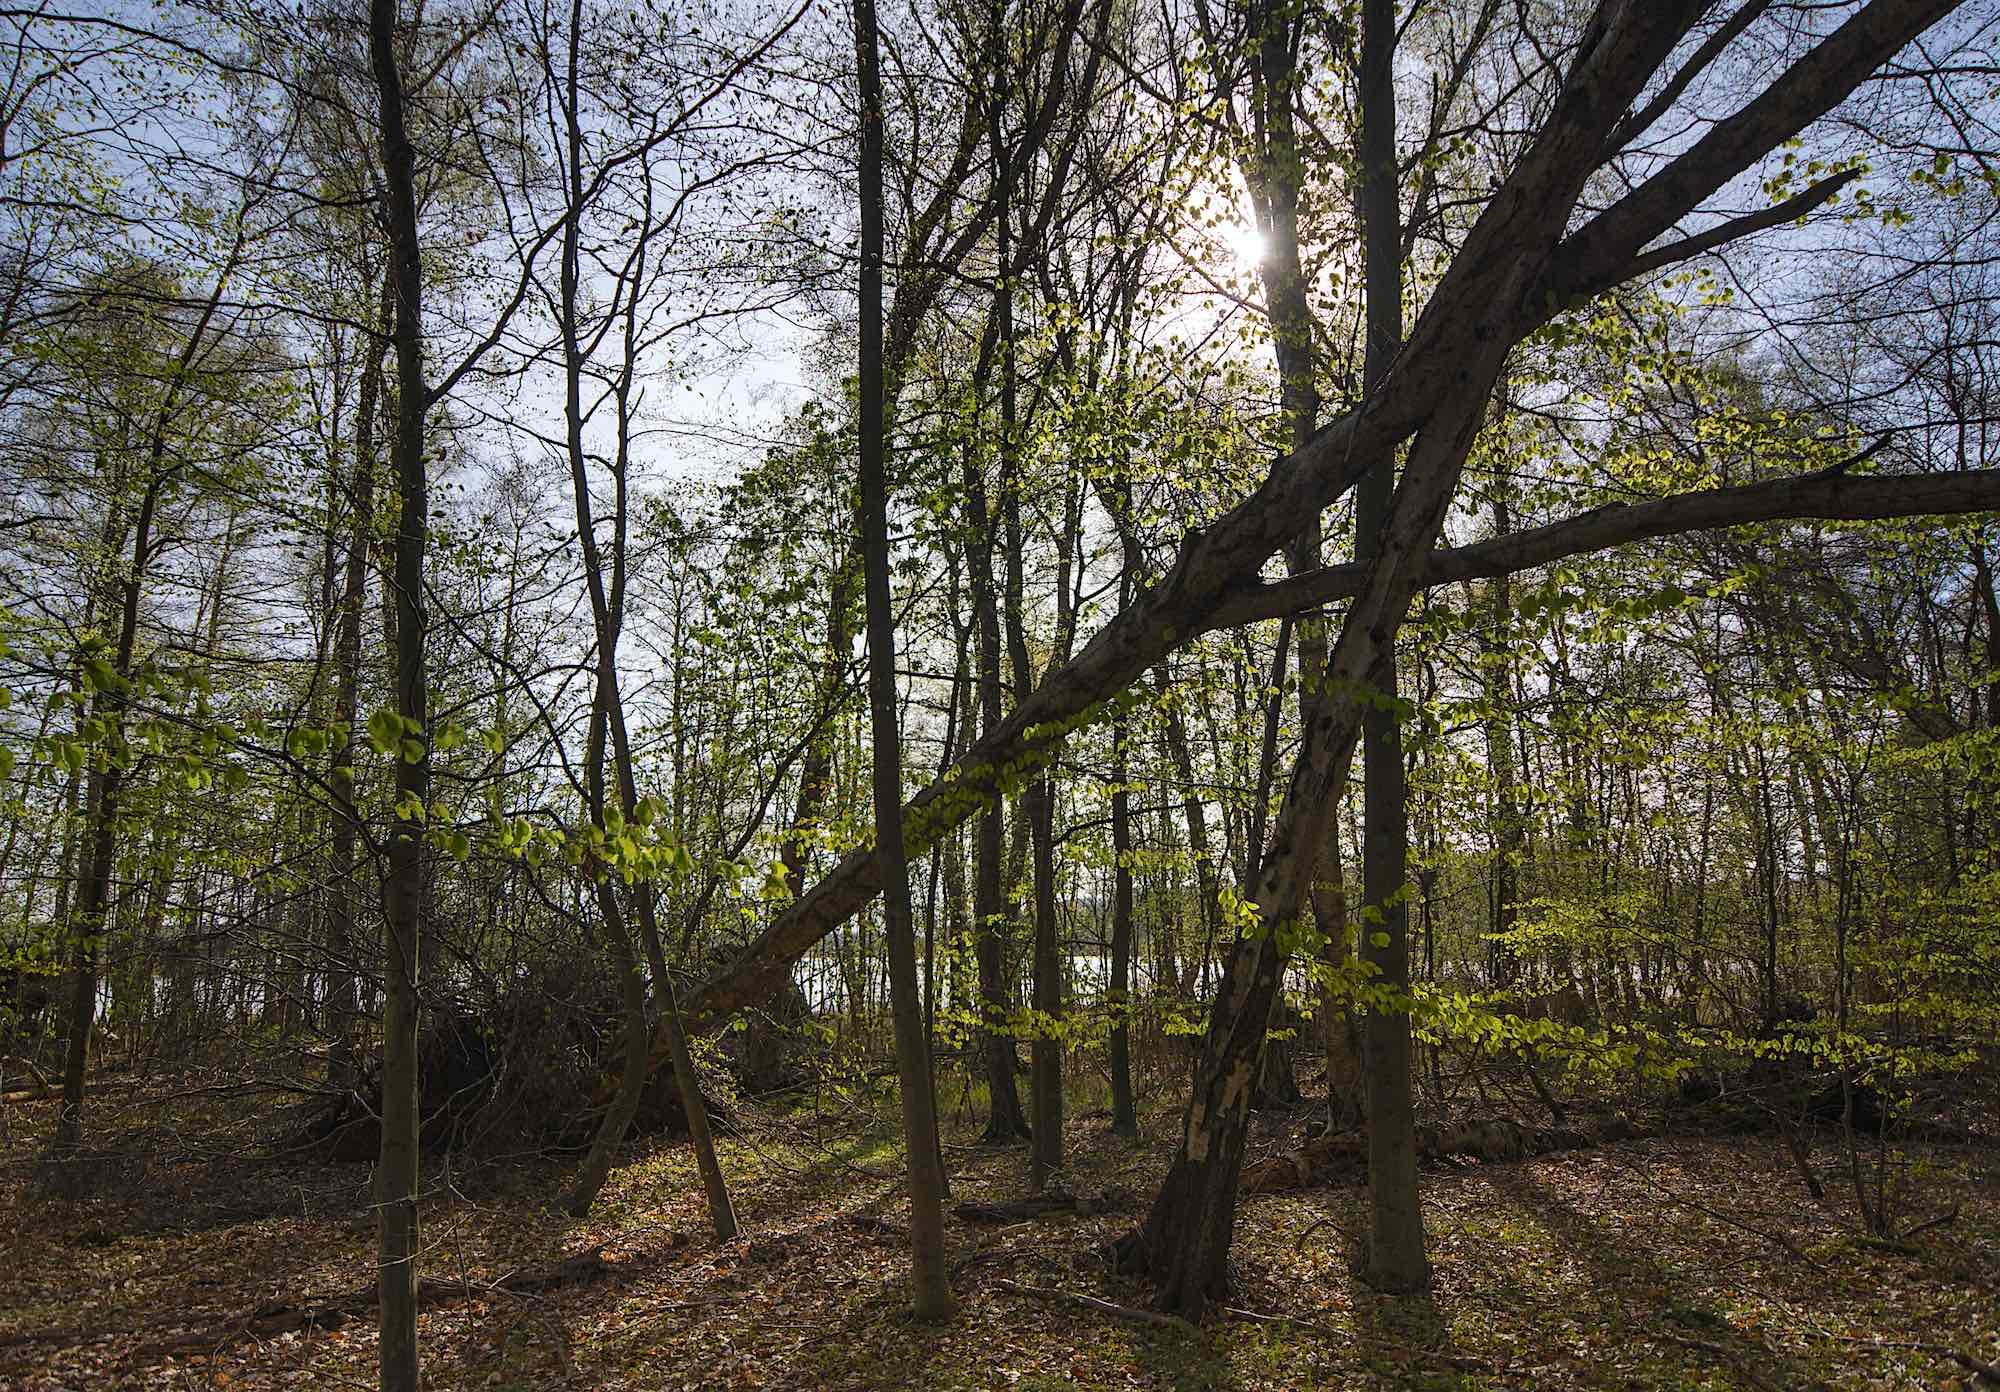 Langs det meste af bredden ved Gurre Sø får træerne lov til at undslippe hugst (foto: Rune Engelbreth Larsen)